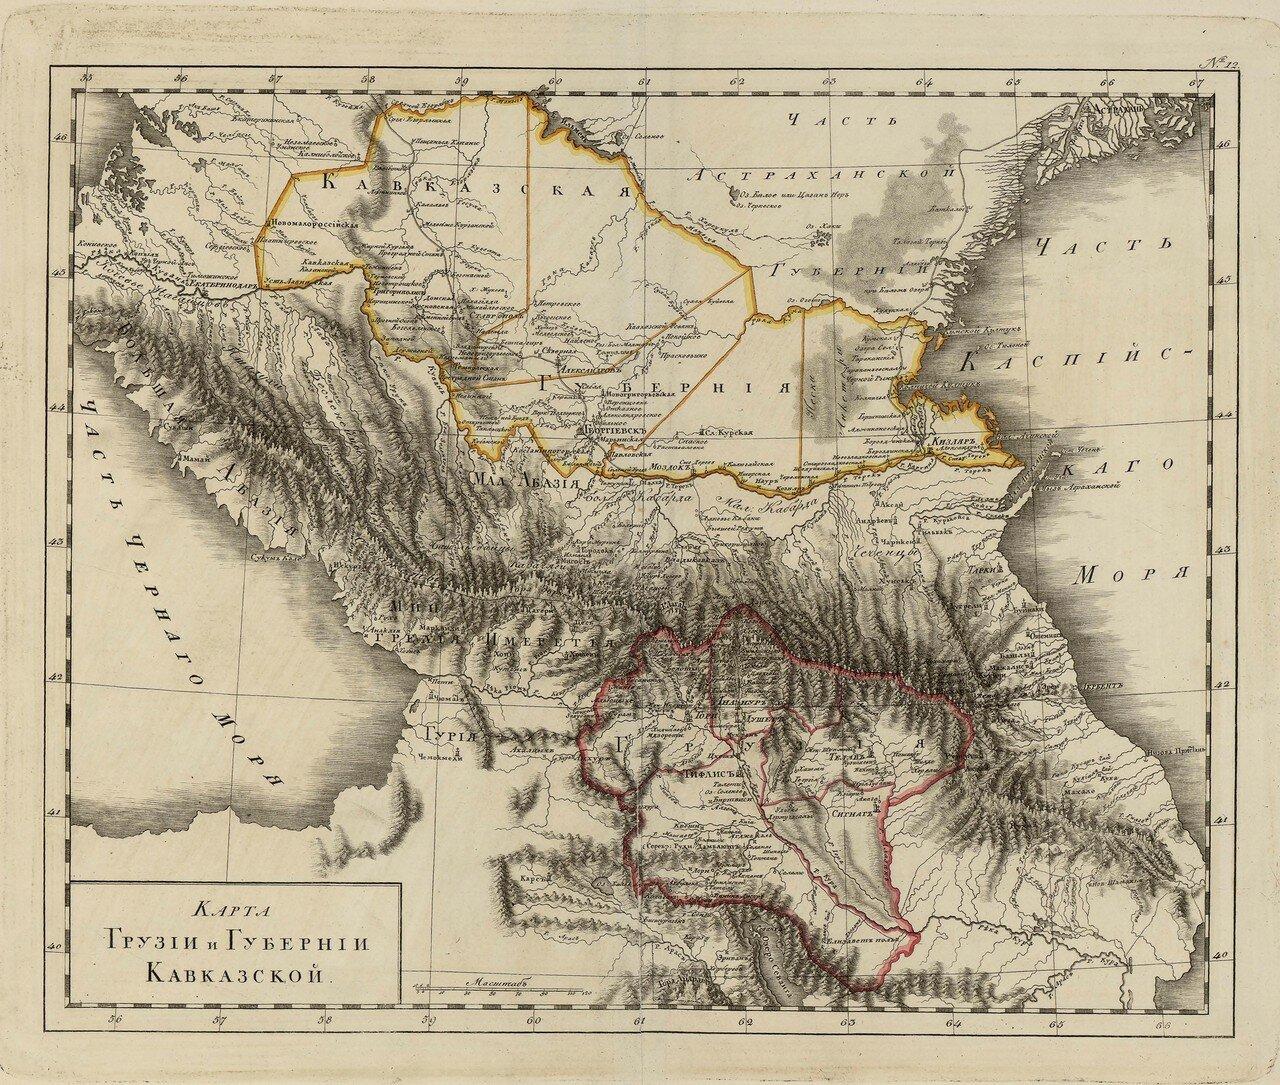 13. Карта Грузии и губернии Кавказской